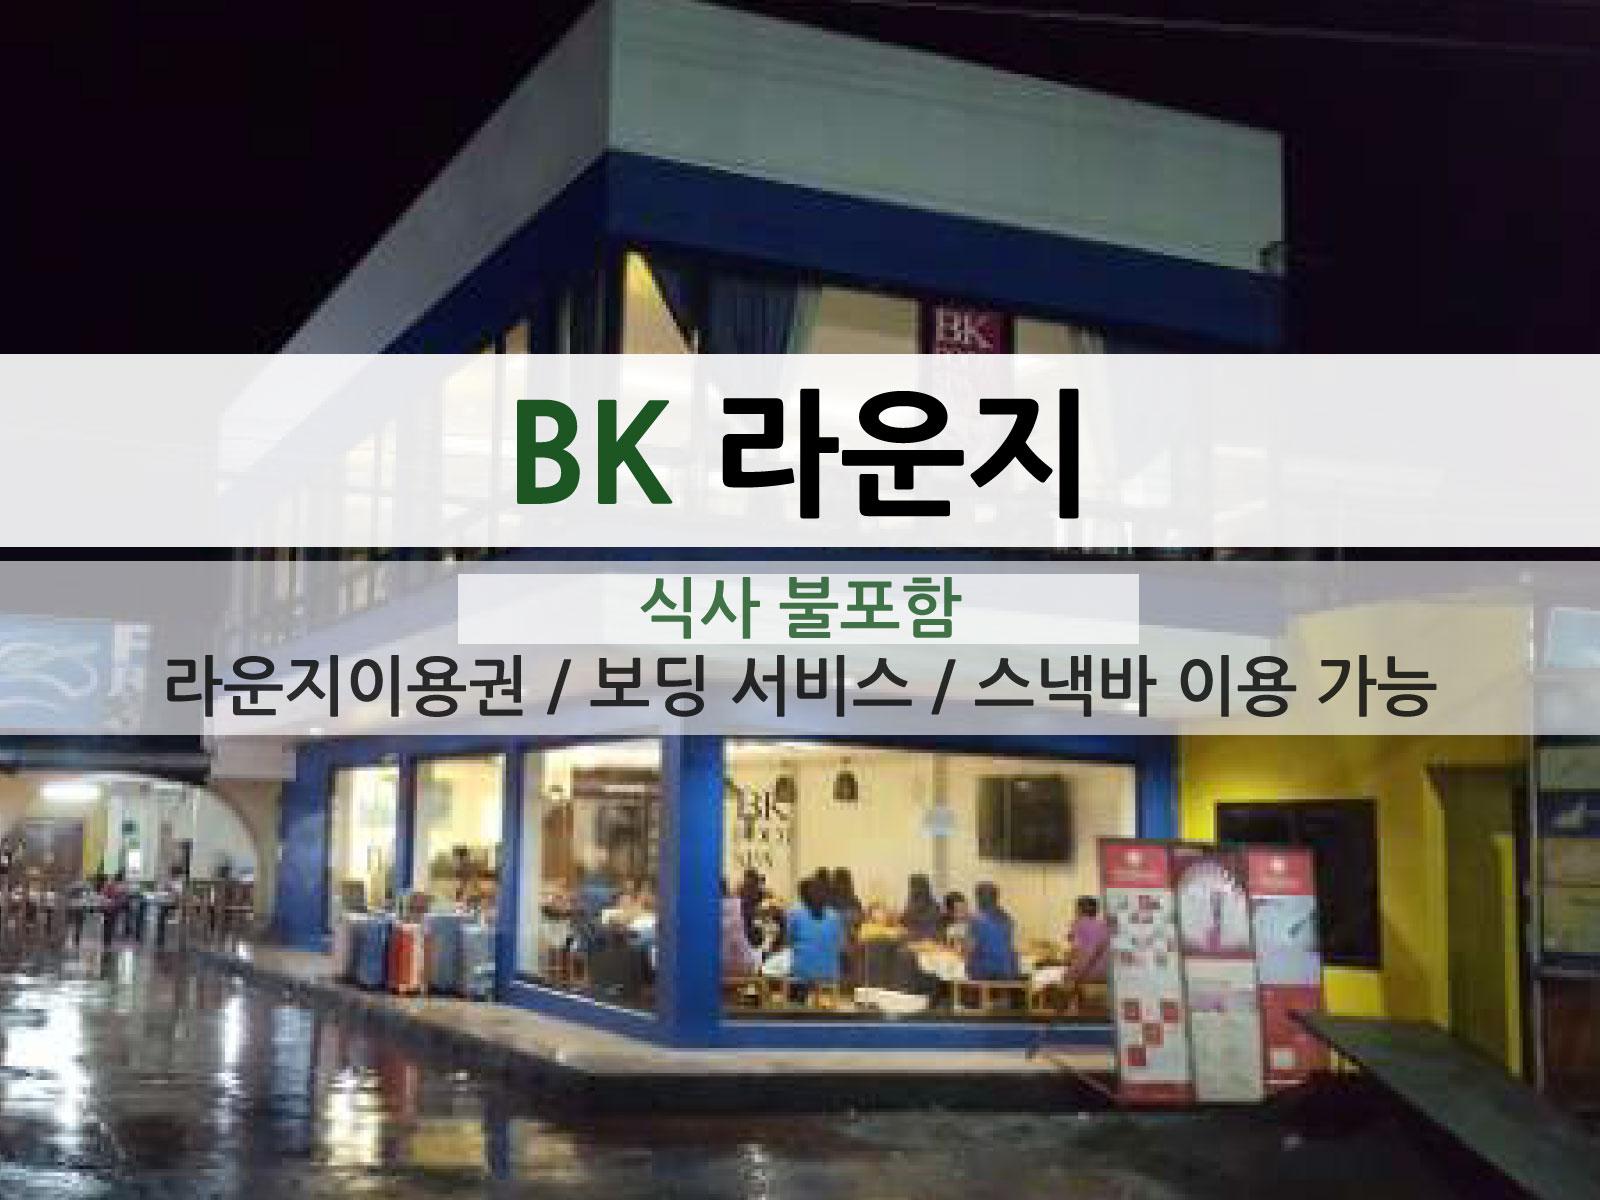 [보라카이 공항라운지] BK 라운지(입장권) + 공항보딩서비스